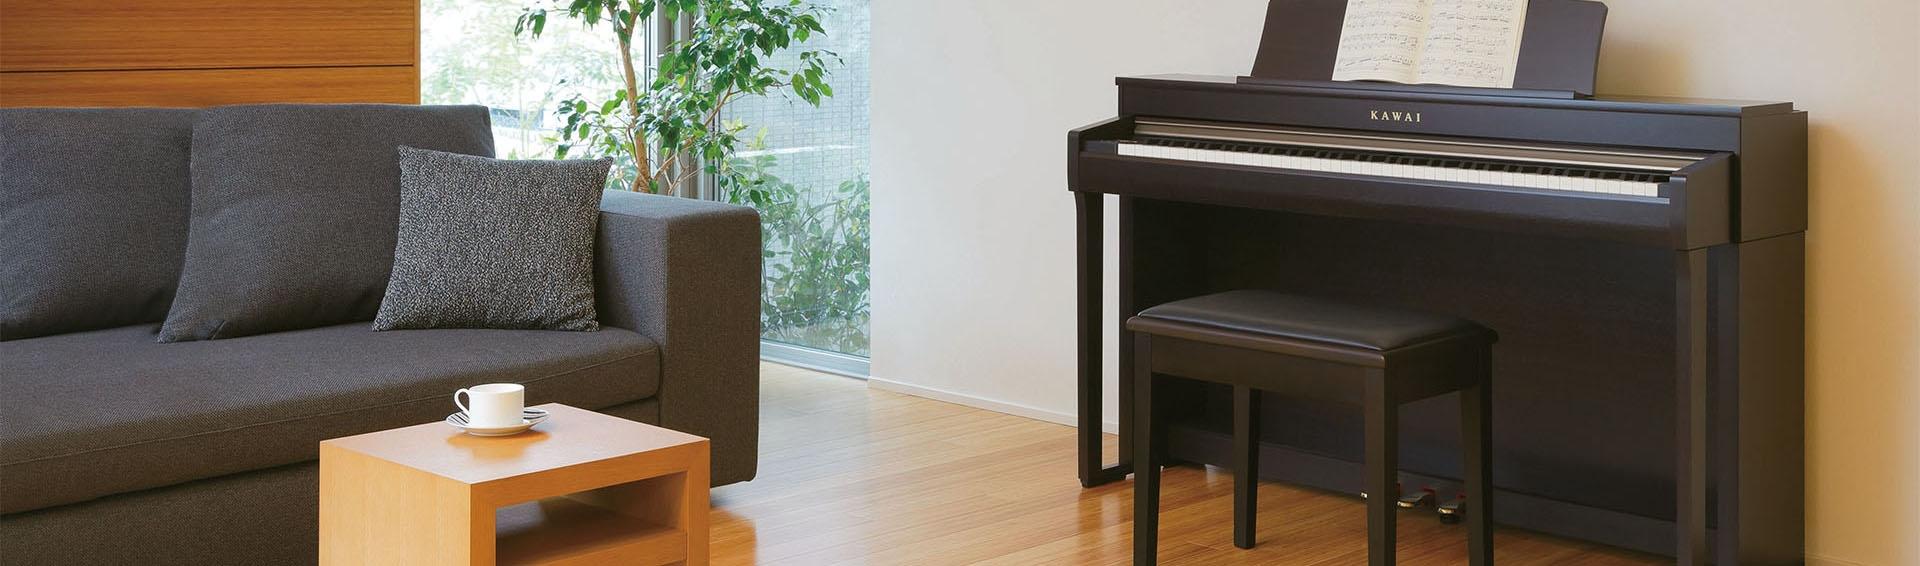 Huur een piano. afbeelding van piano in woonkamer